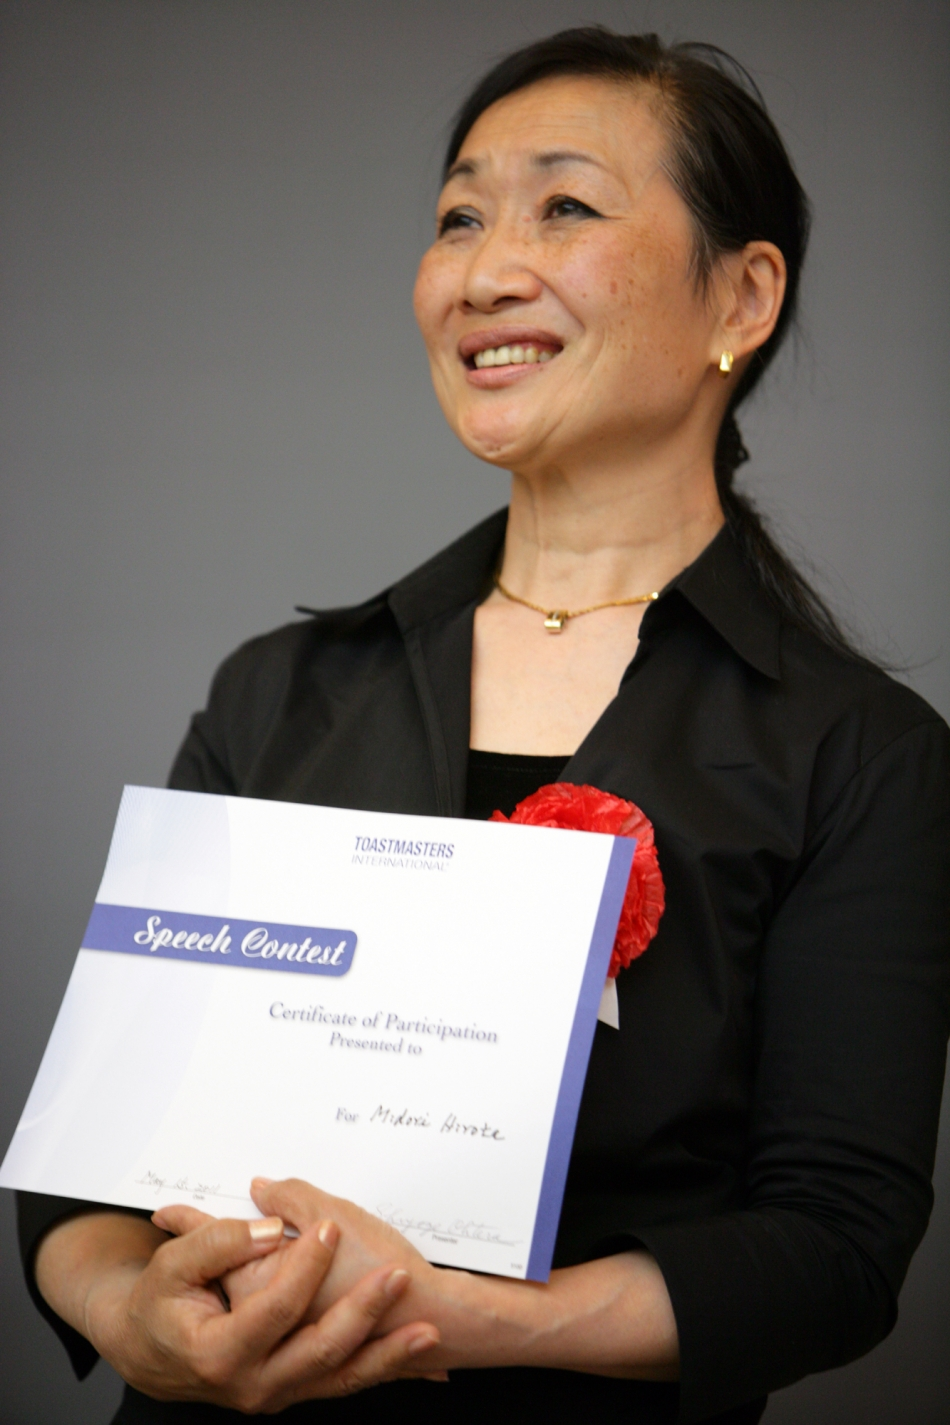 Thirs Place Winner, Midori Hirota, 2011